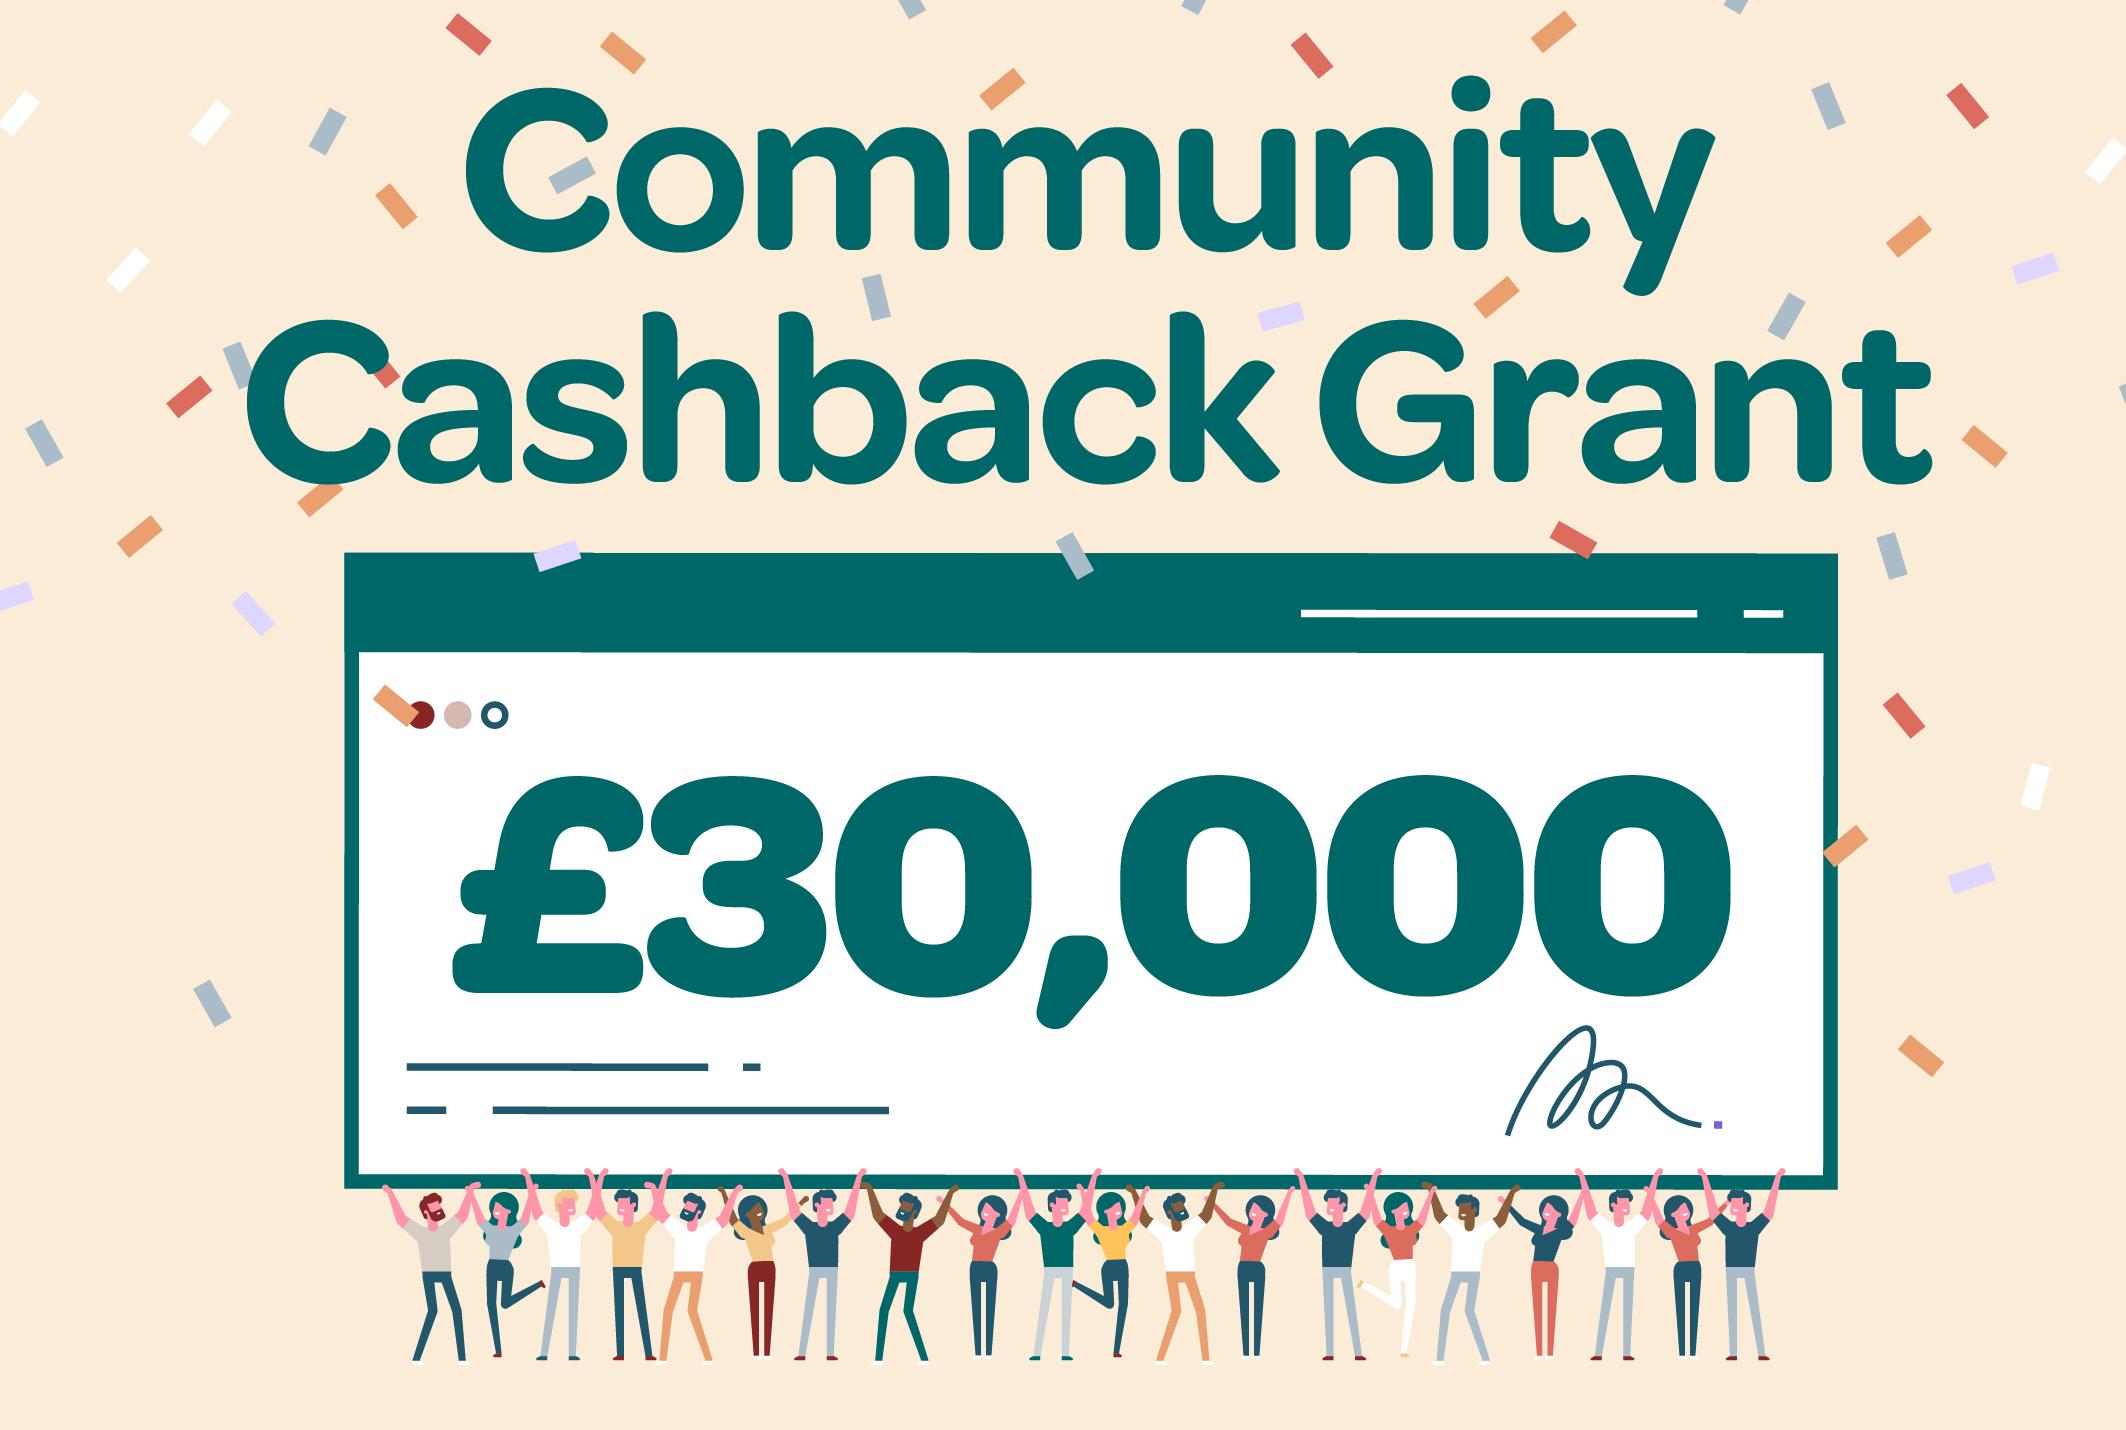 Community Cashback